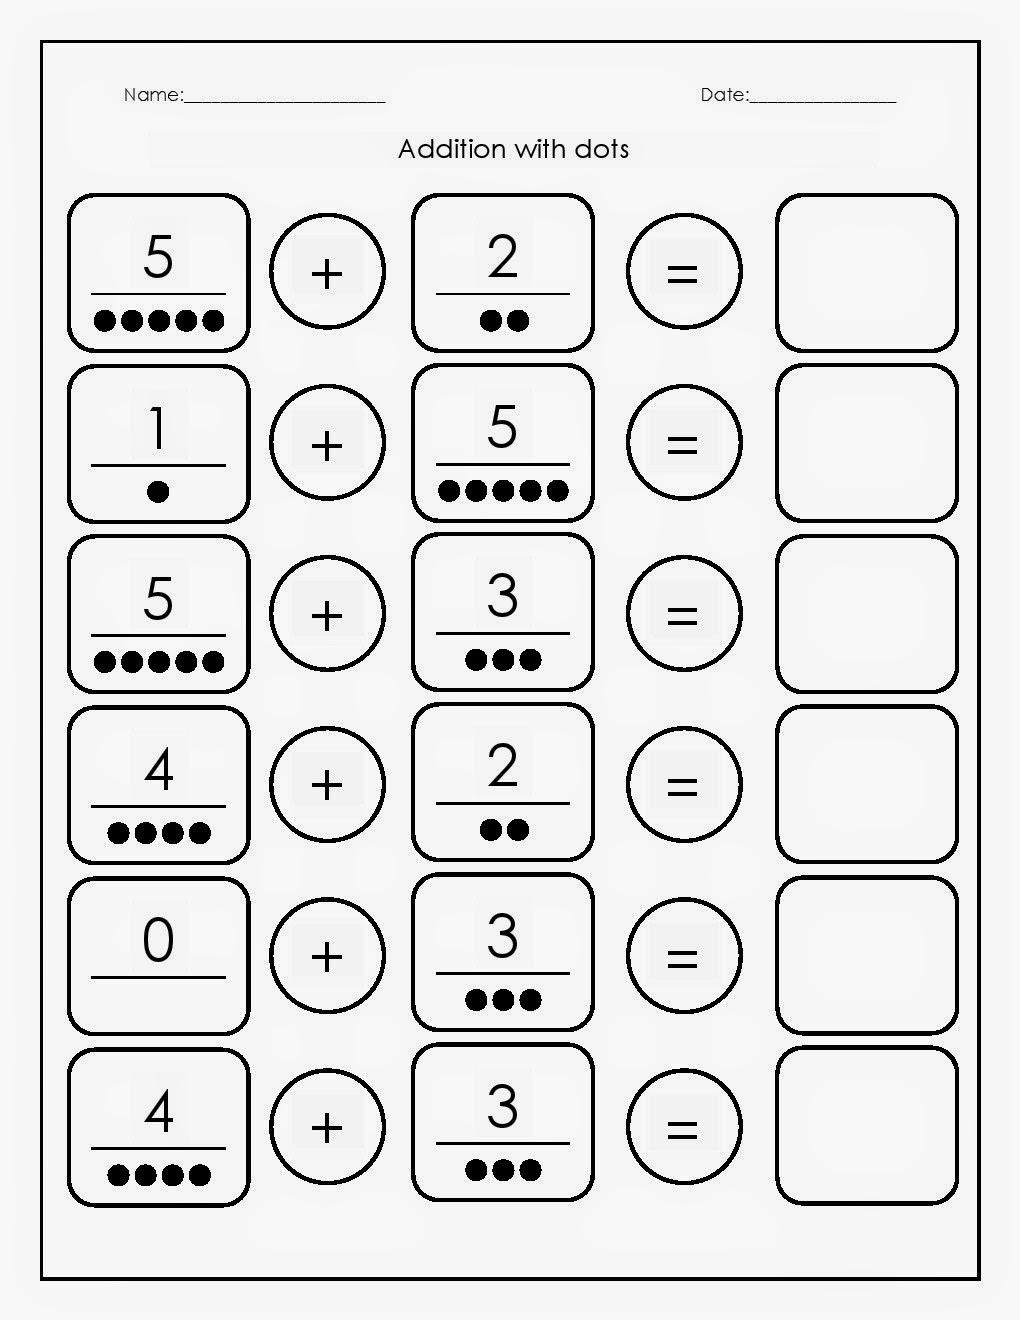 kindergarten worksheets maths worksheets addition with dots worksheets 1. Black Bedroom Furniture Sets. Home Design Ideas